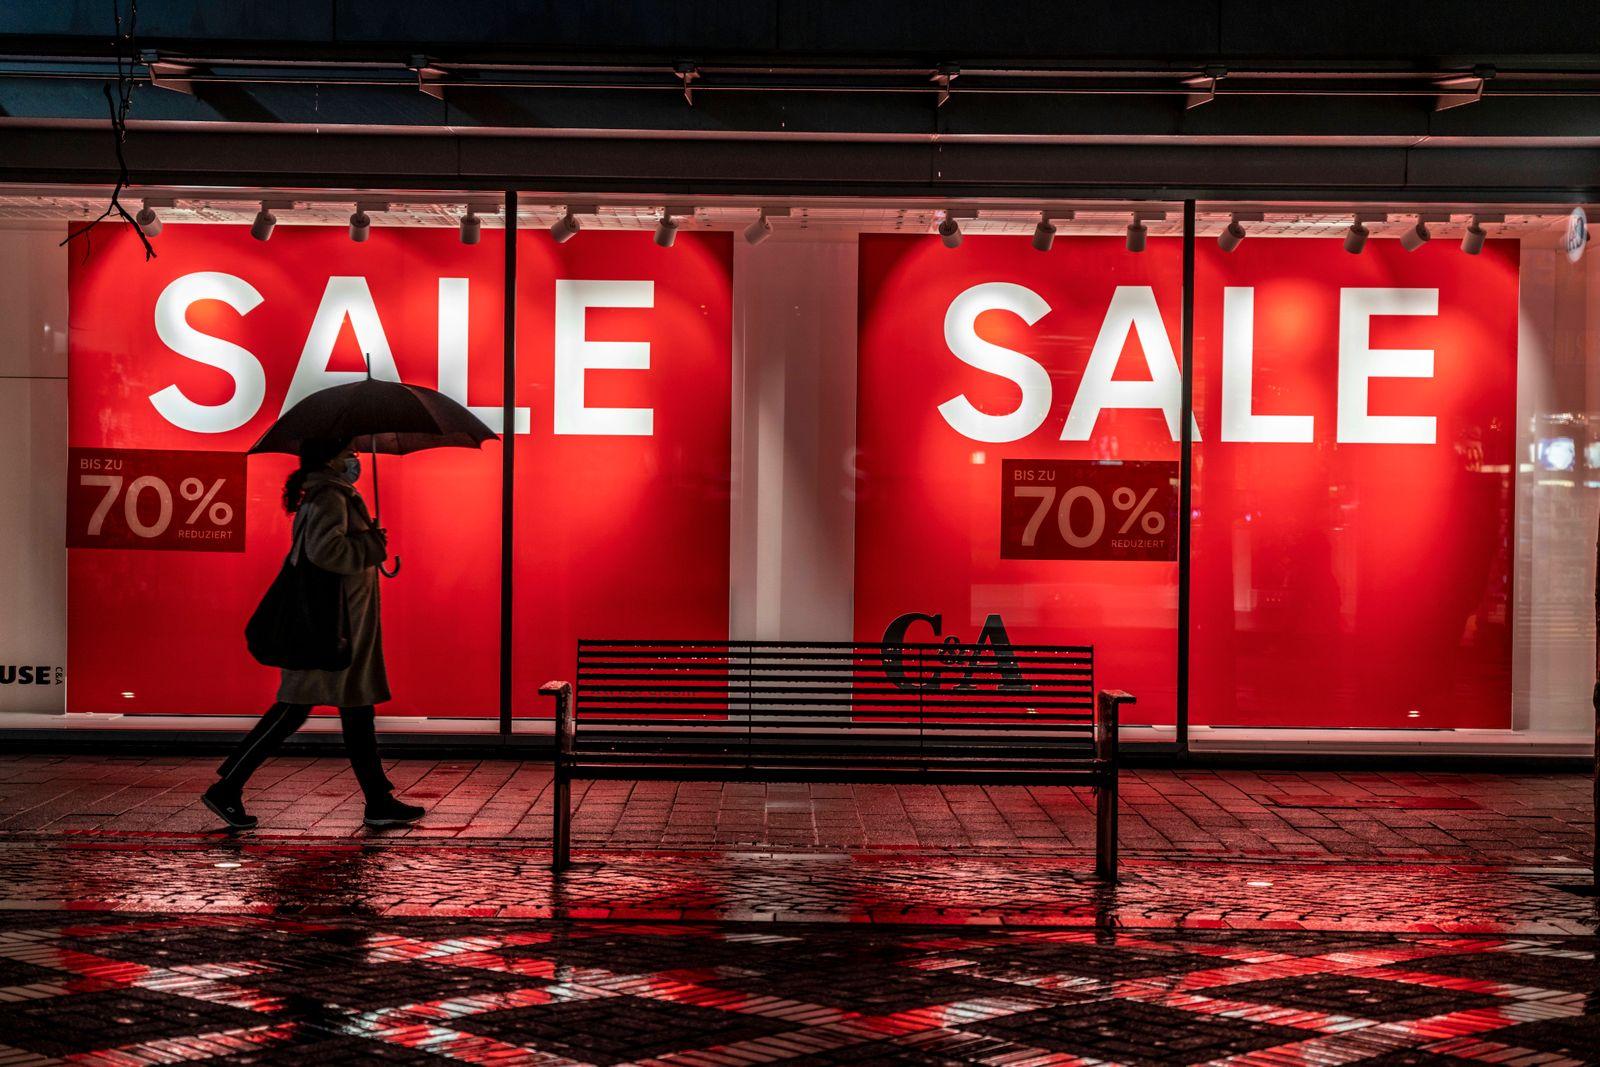 Die Innenstadt von Gelsenkirchen, Fussgängerzone, Bahnhofstrasse, Sale, Schlussverkauf, 70% Rabatt, C&A Modegeschäft, K